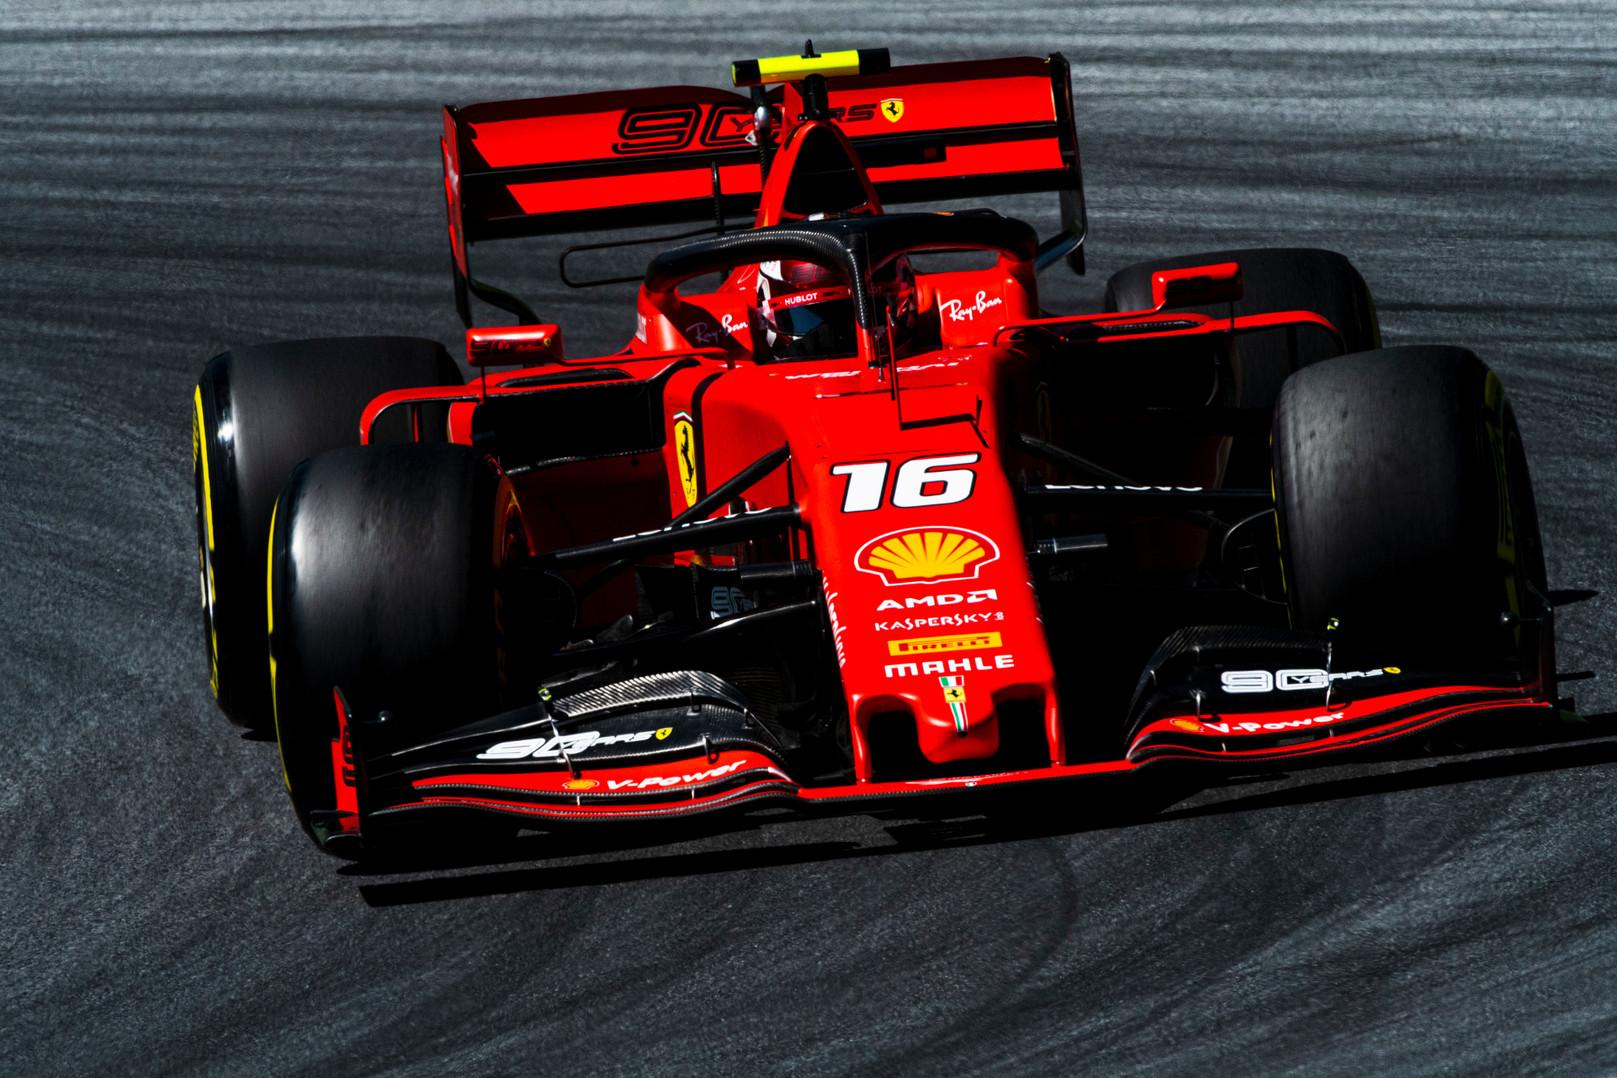 Austrijoje vykusioje kvalifikacijoje varžovus greičiu pranoko C. Leclercas